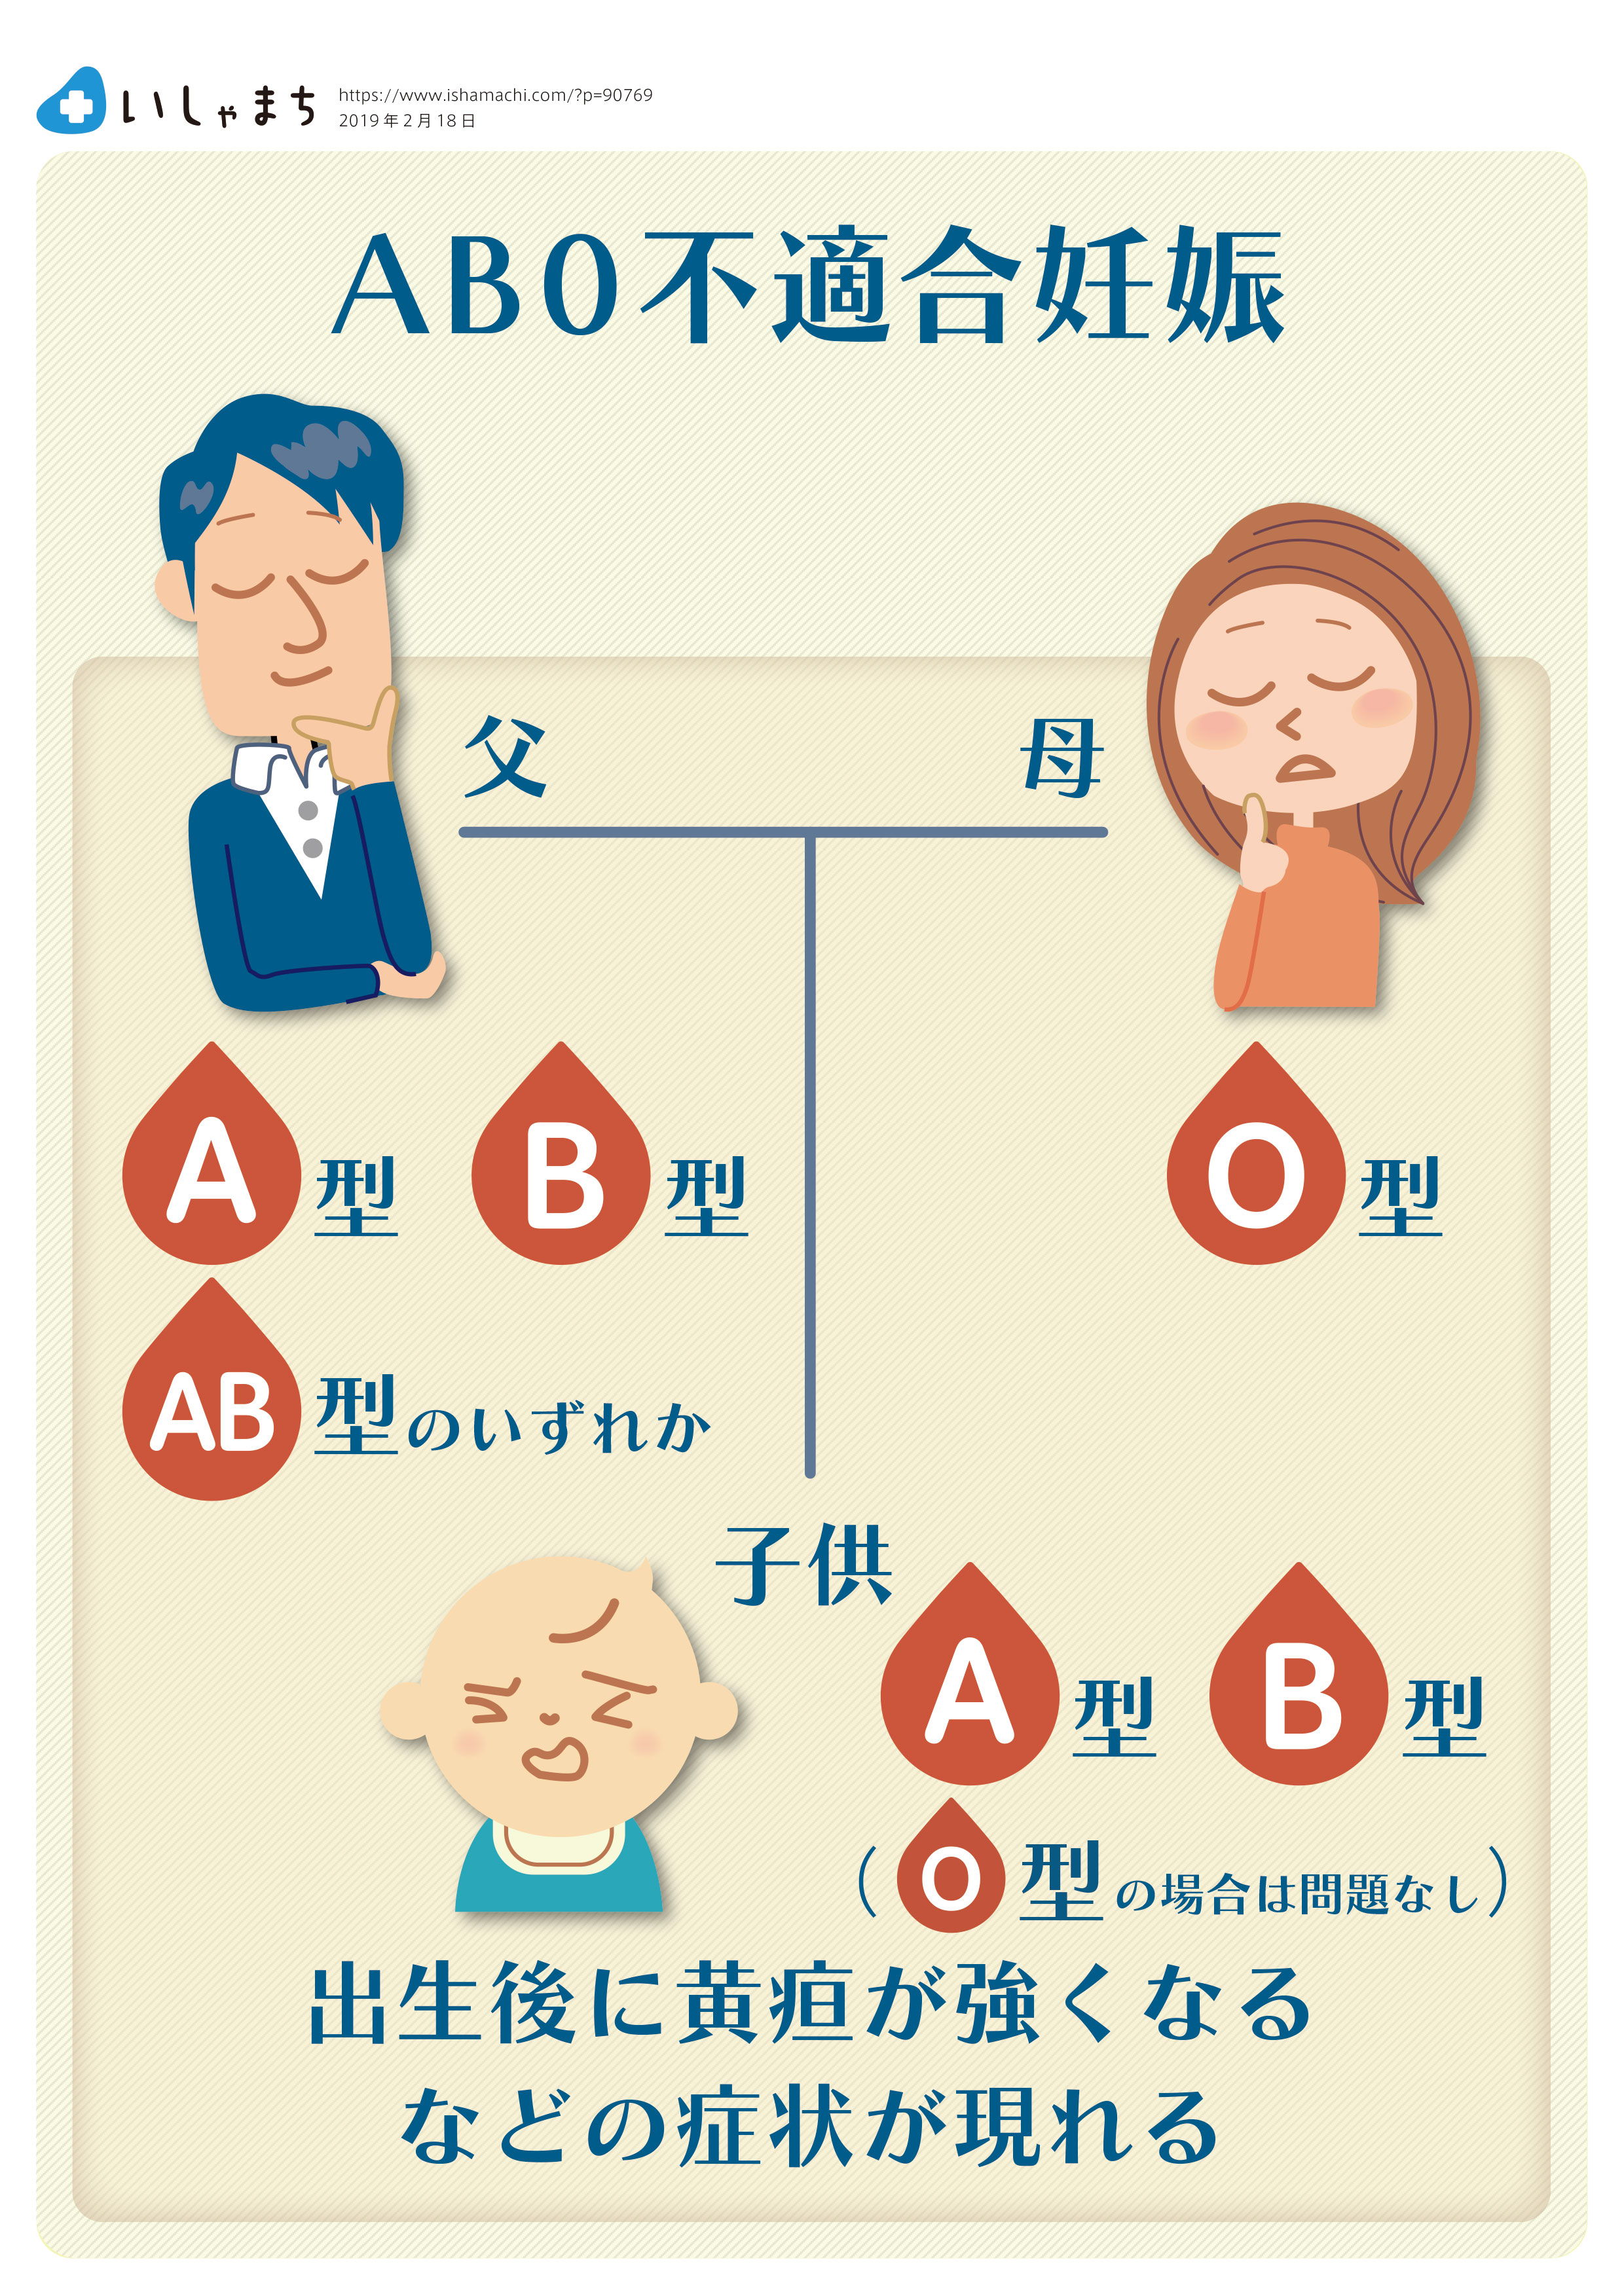 血液型不適合妊娠って何 Abo型とrh型とは いしゃまち